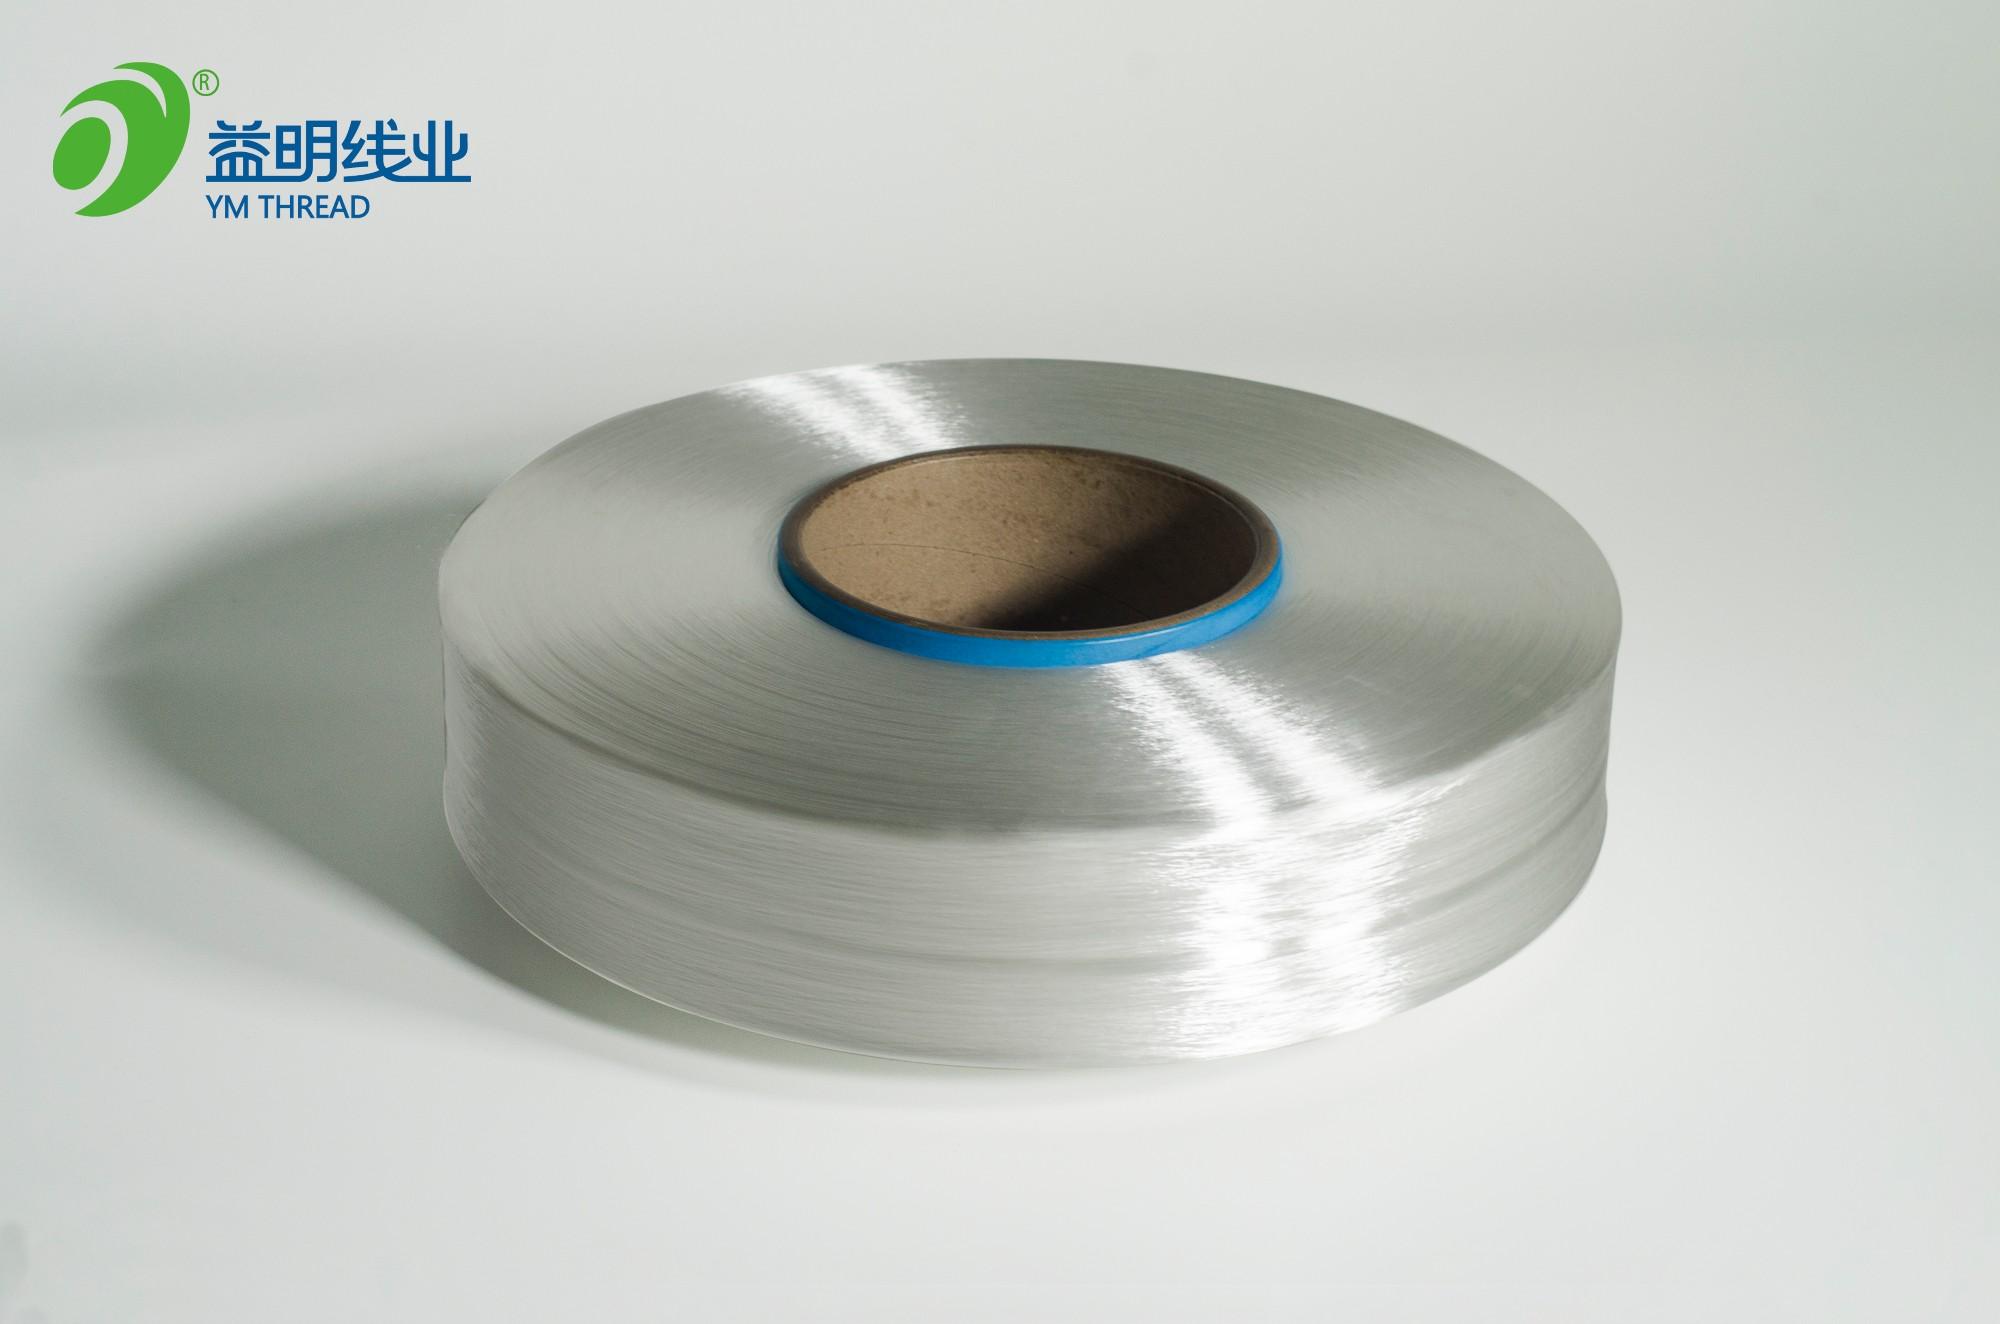 购买涤纶热熔丝,涤纶热熔丝价格,涤纶热熔丝品牌,涤纶热熔丝制造商,涤纶热熔丝行情,涤纶热熔丝公司